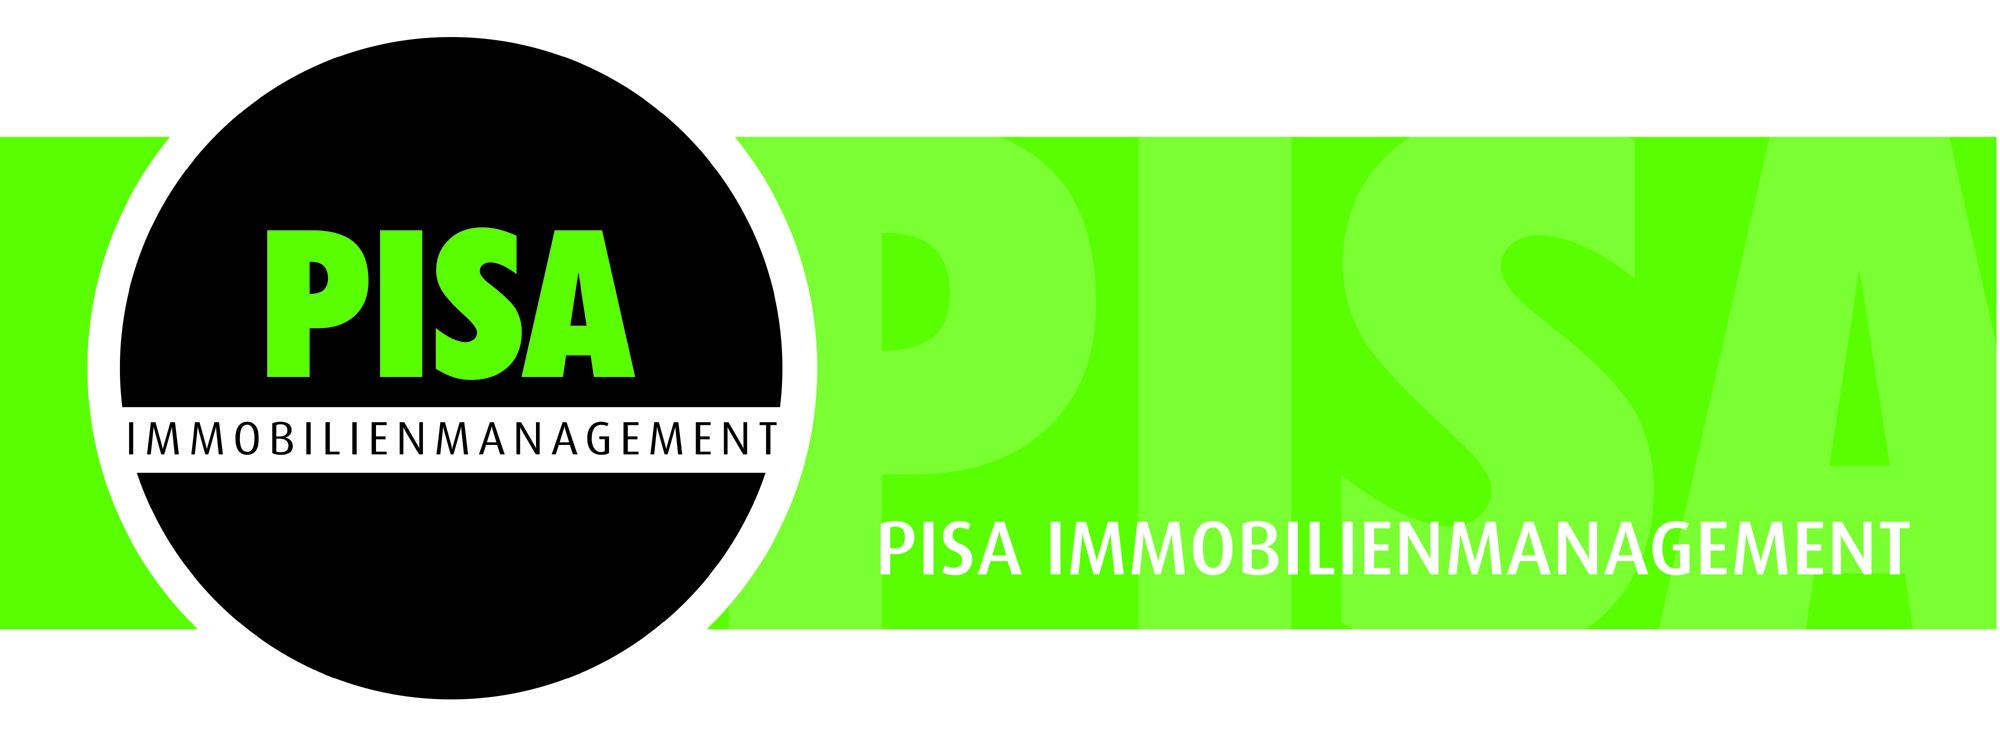 Hier sehen Sie das Logo von PISA IMMOBILIENMANAGEMENT GmbH & CO. KG